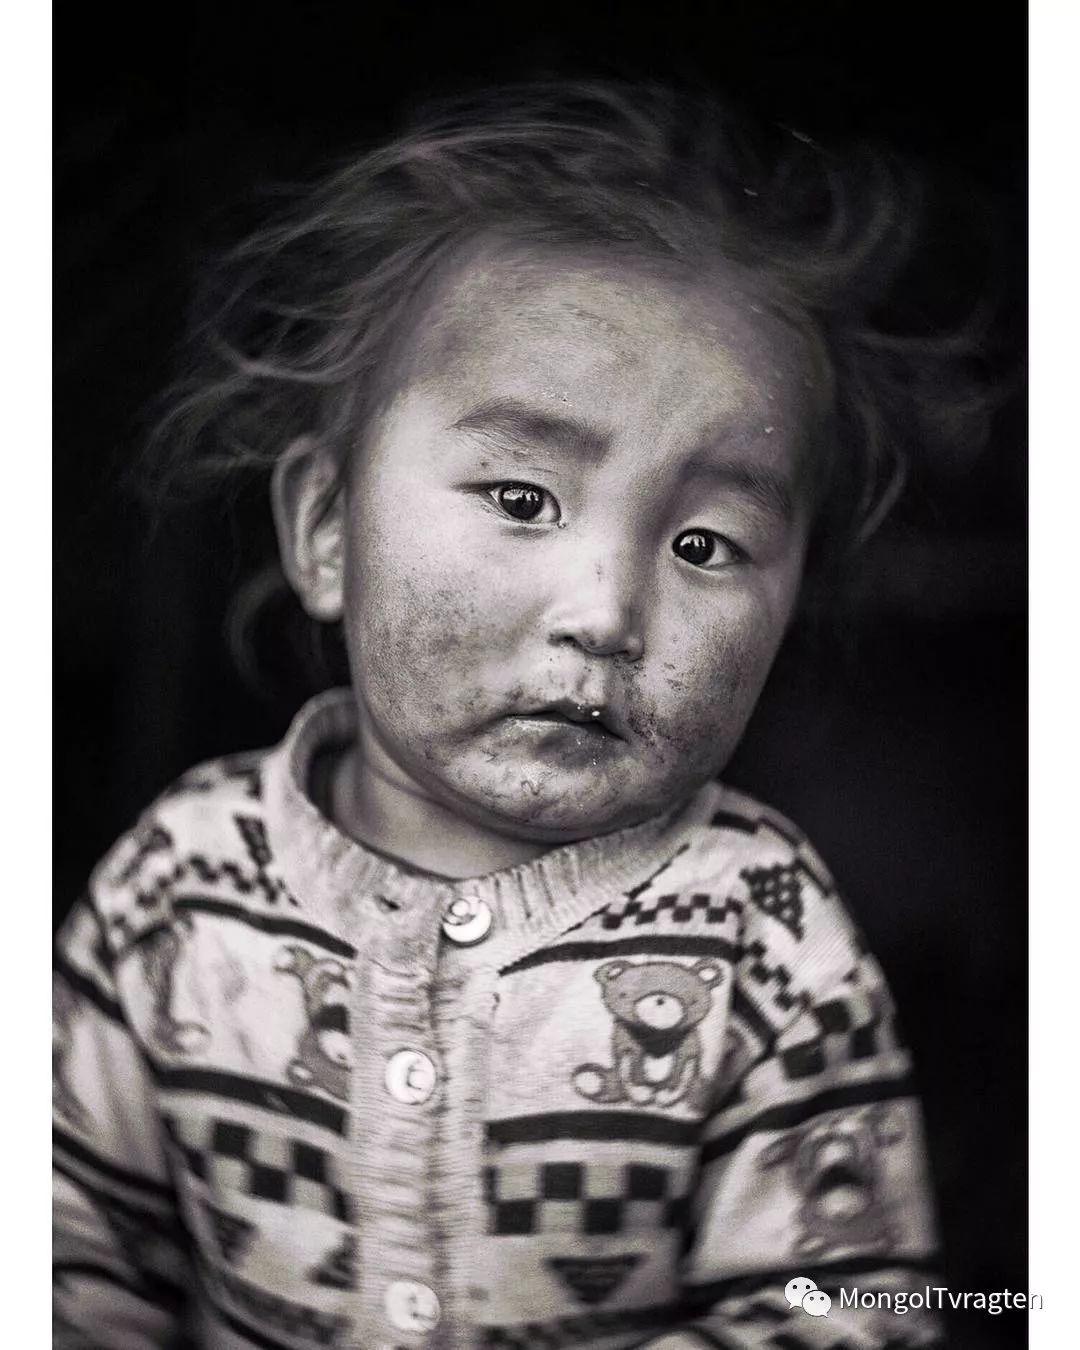 蒙古影像- c8x photography 第22张 蒙古影像- c8x photography 蒙古文化